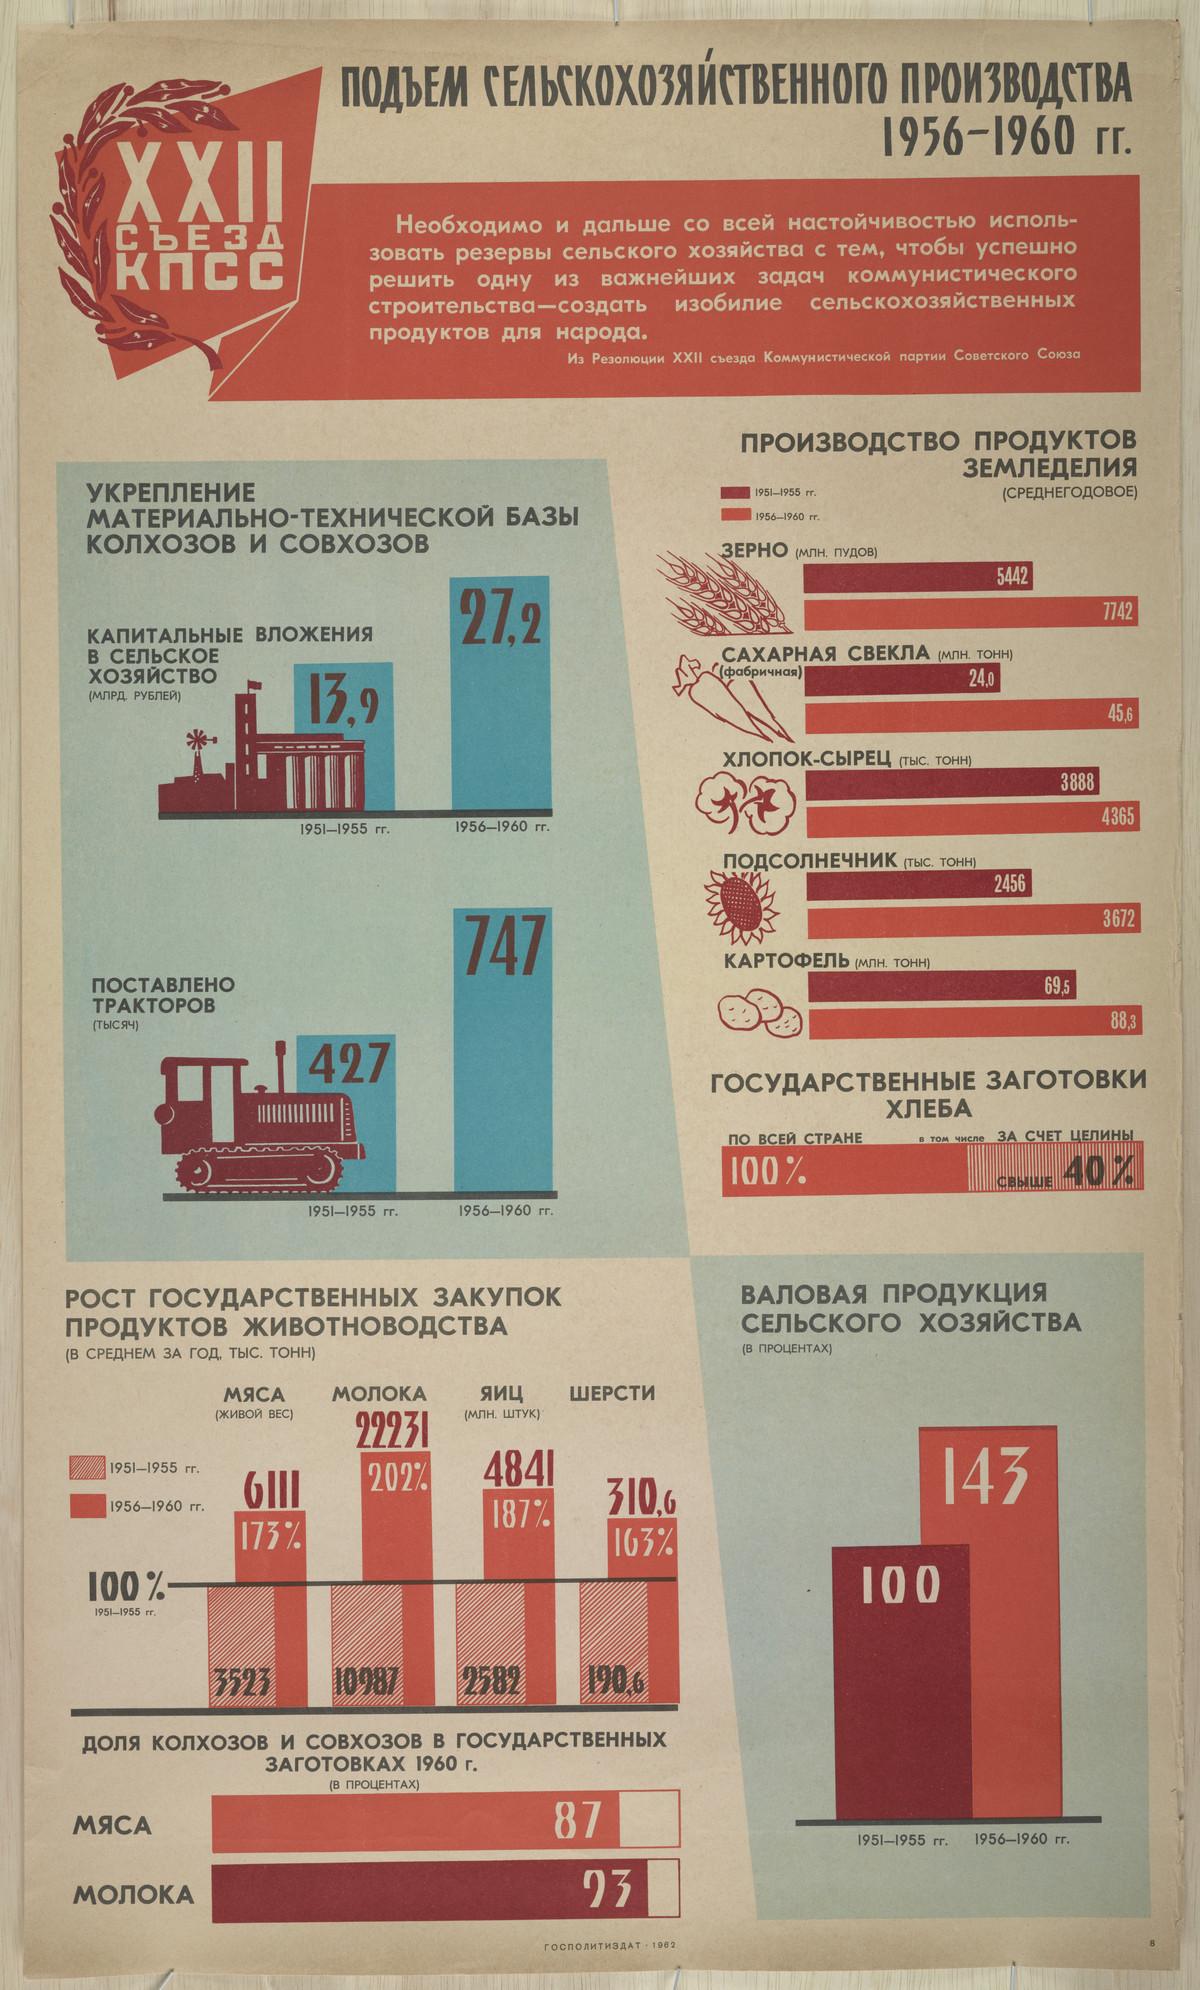 sovetskie-kommunisticheskie-plakaty_42